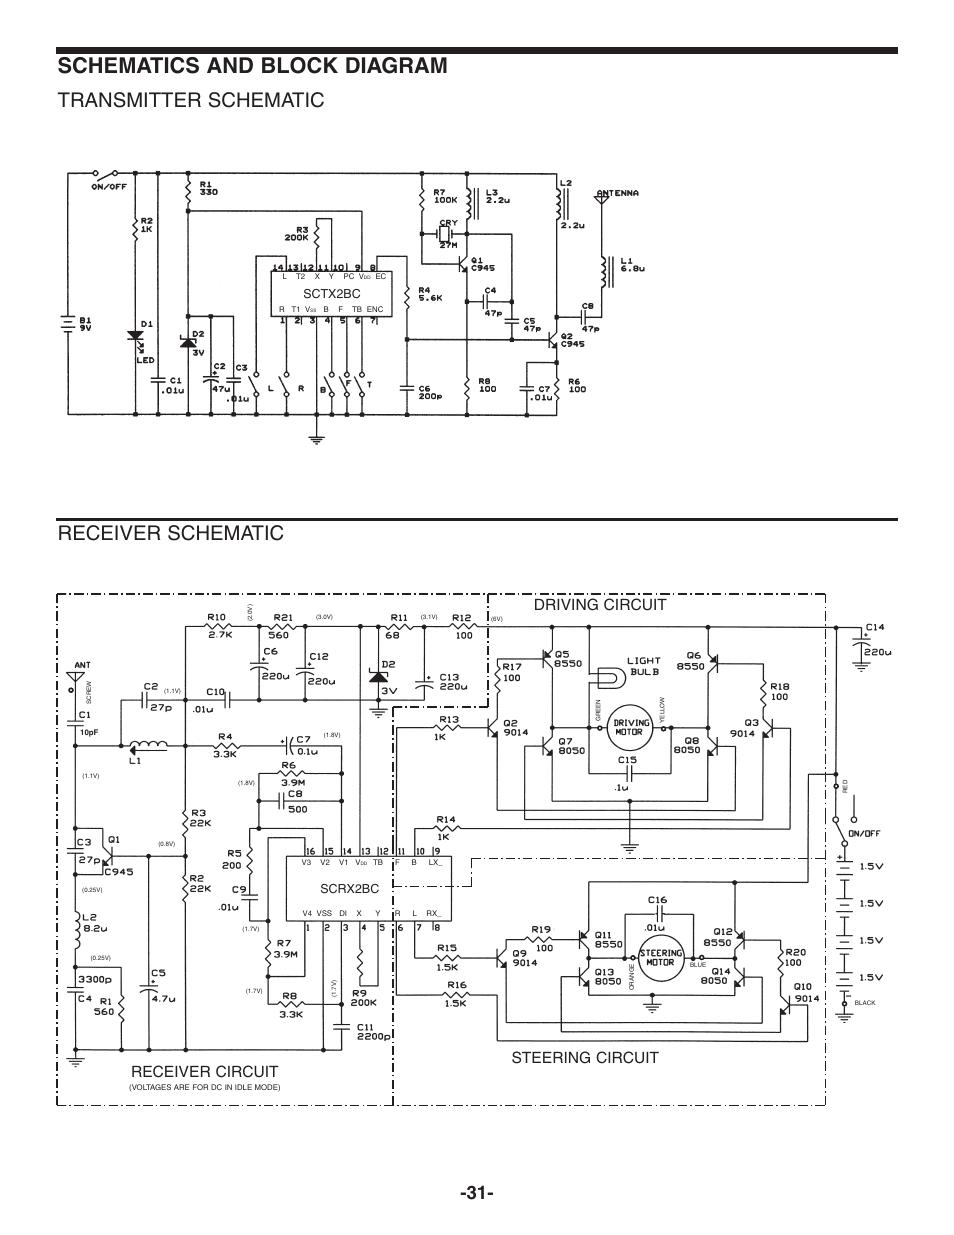 Schematics And Block Diagram  Transmitter Schematic